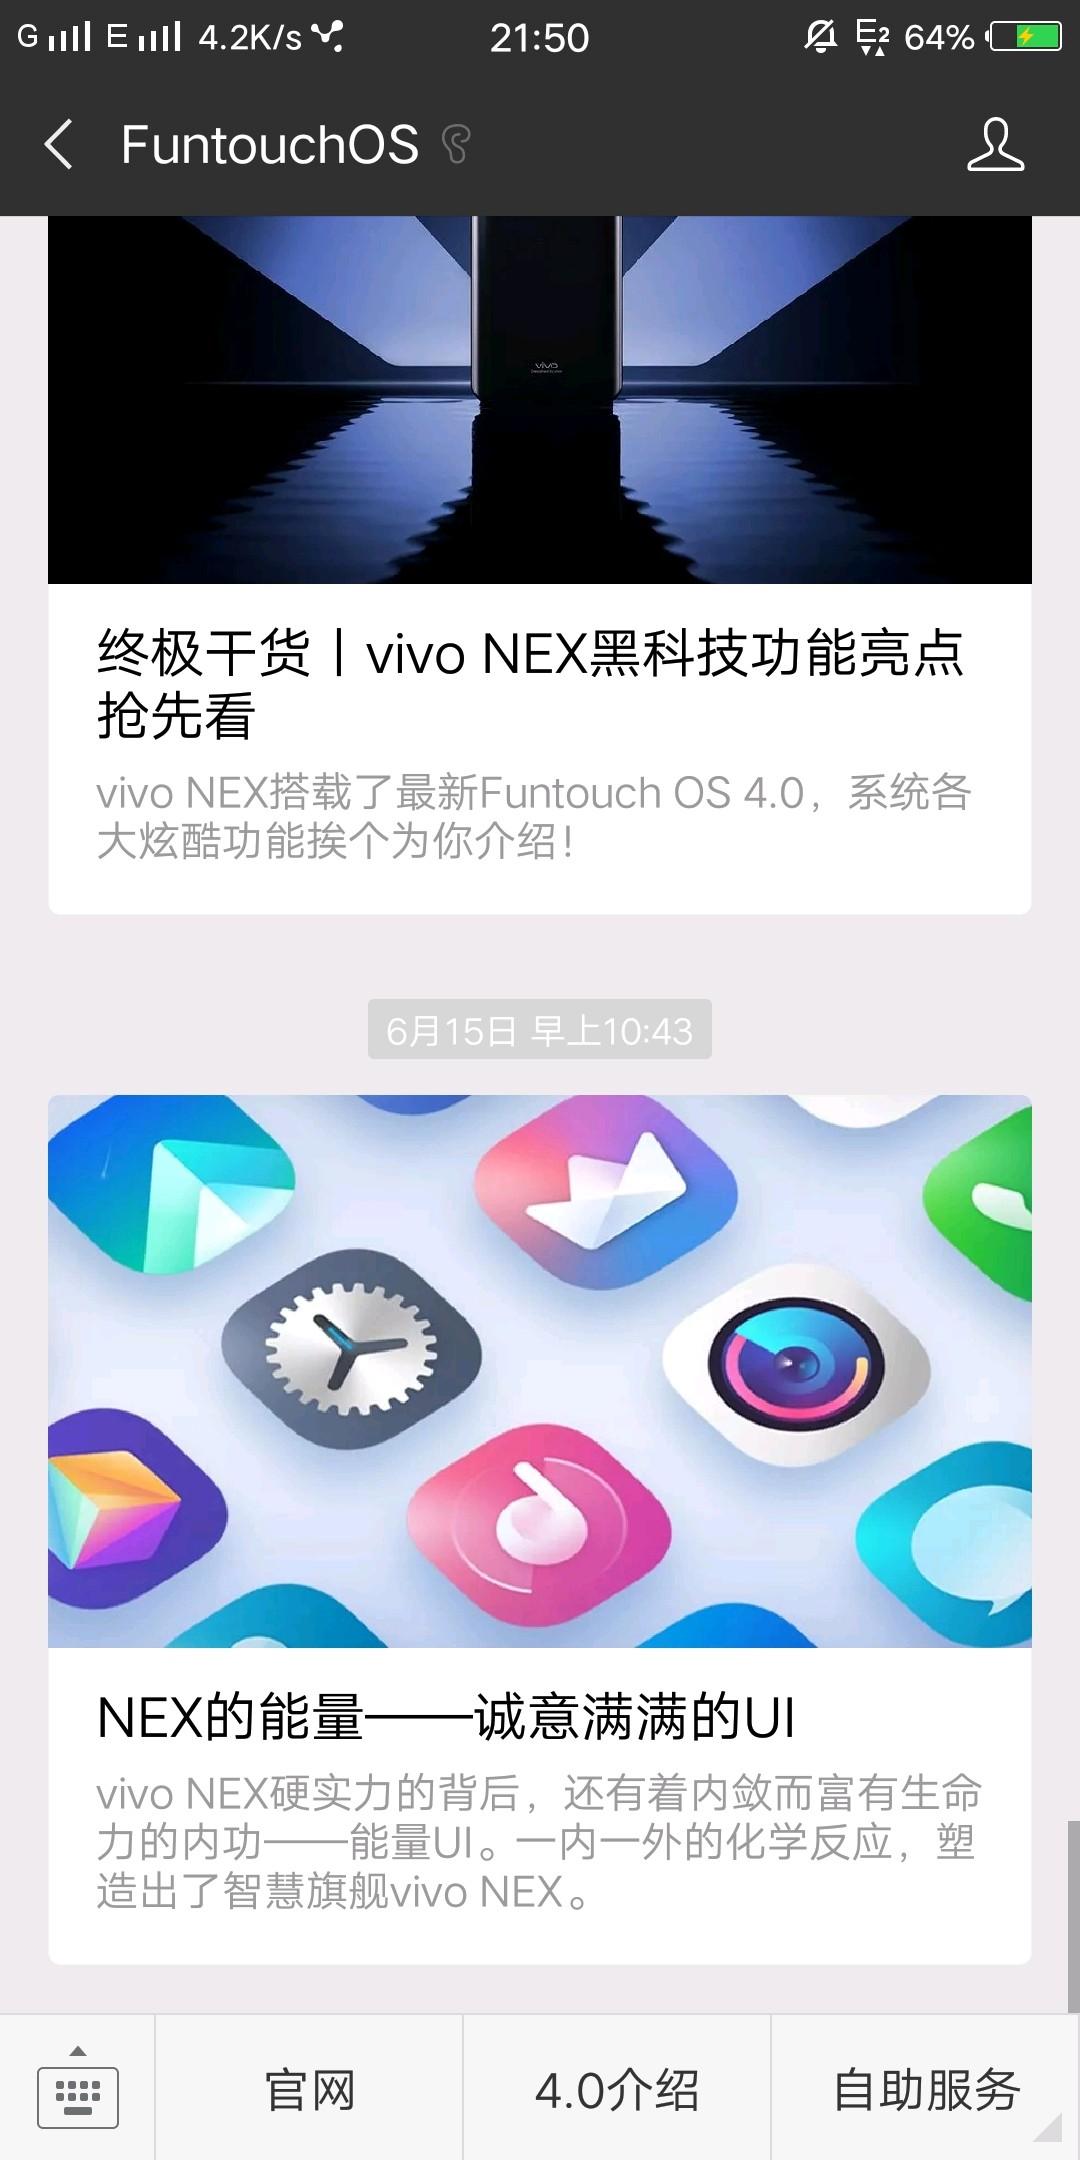 Screenshot_20180621_215023.jpg